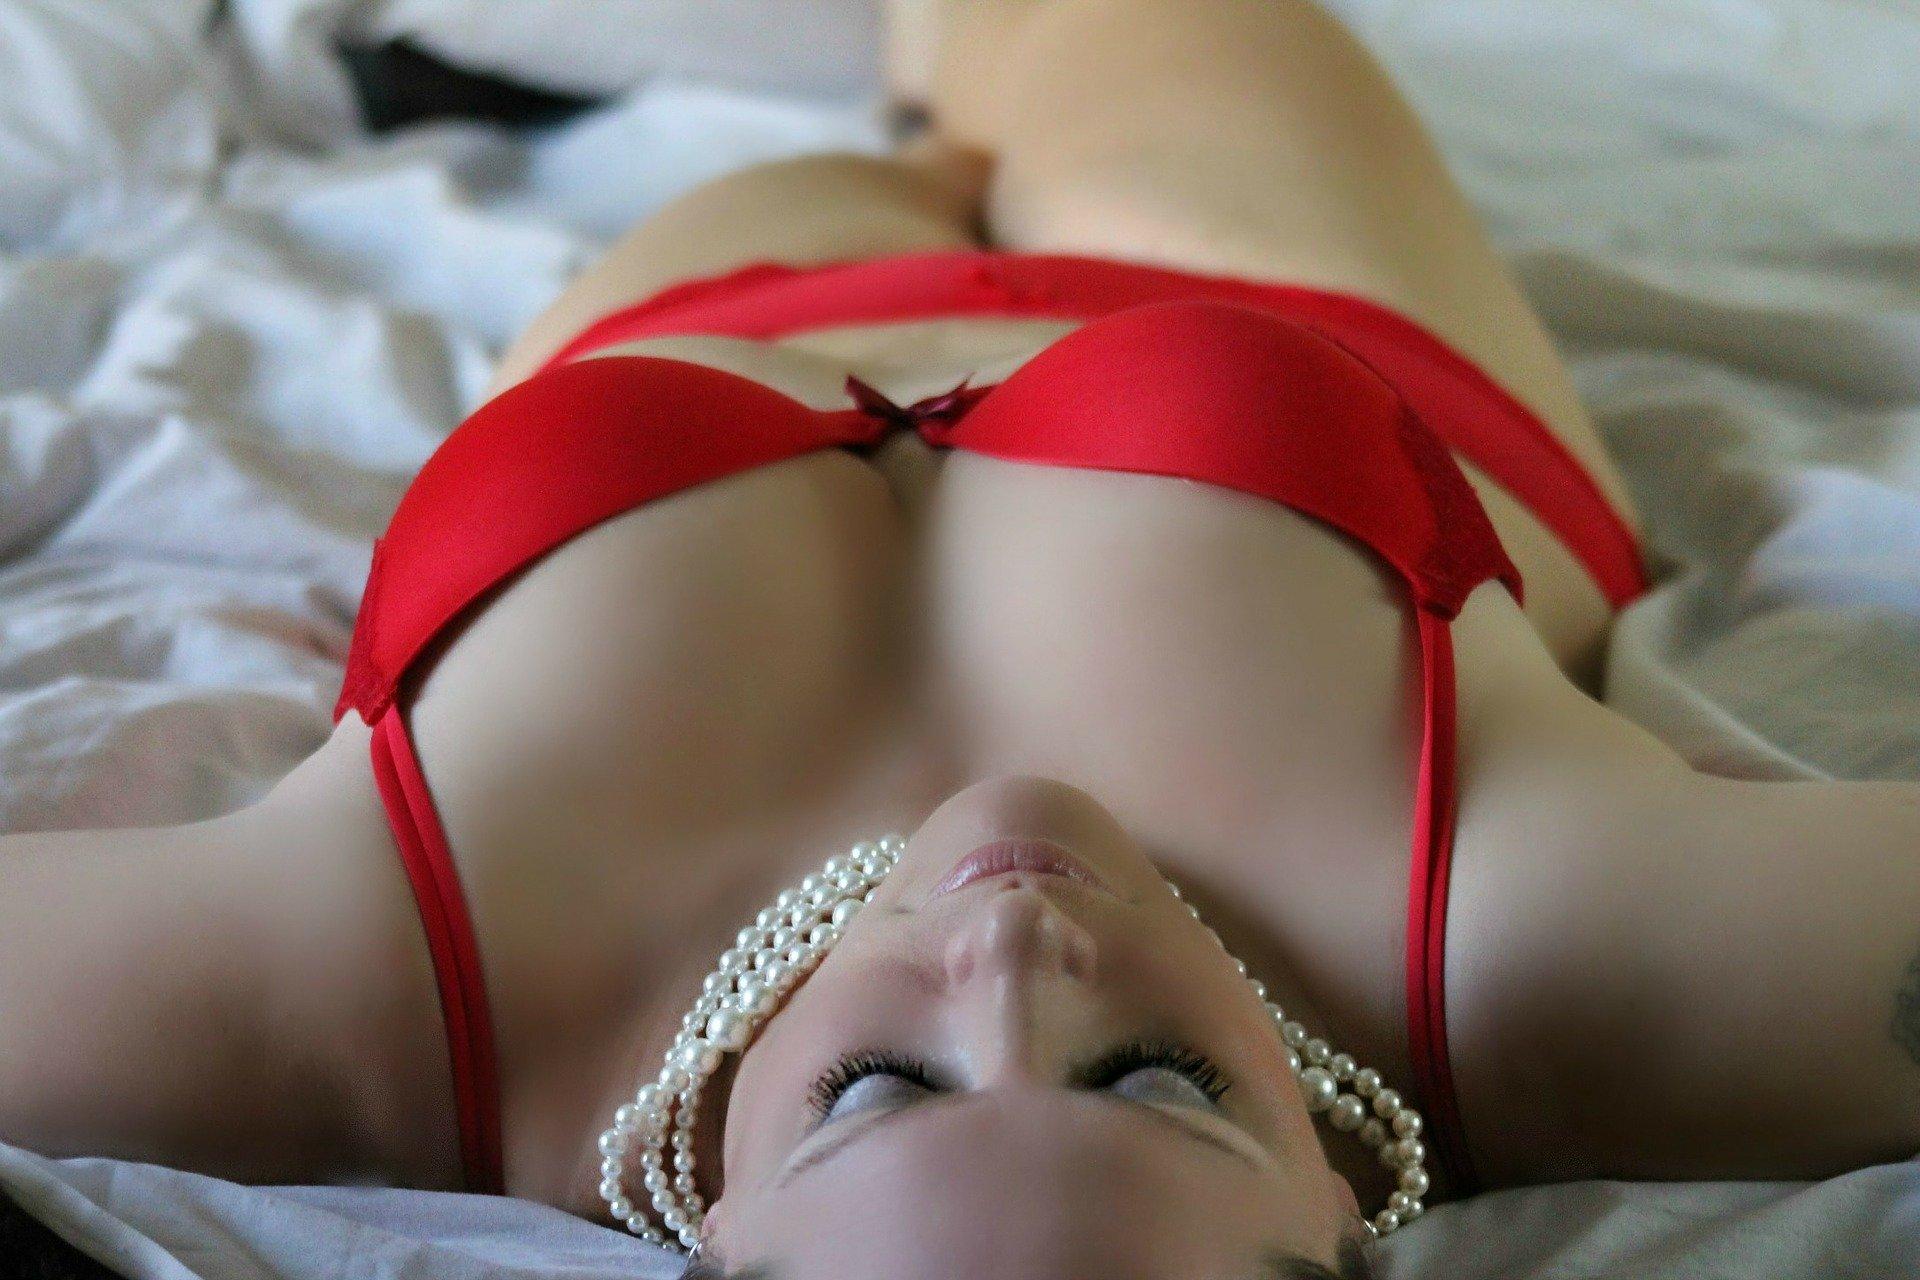 Ai cel puțin 4 motive să vizitezi salonul nostru de masaj erotic